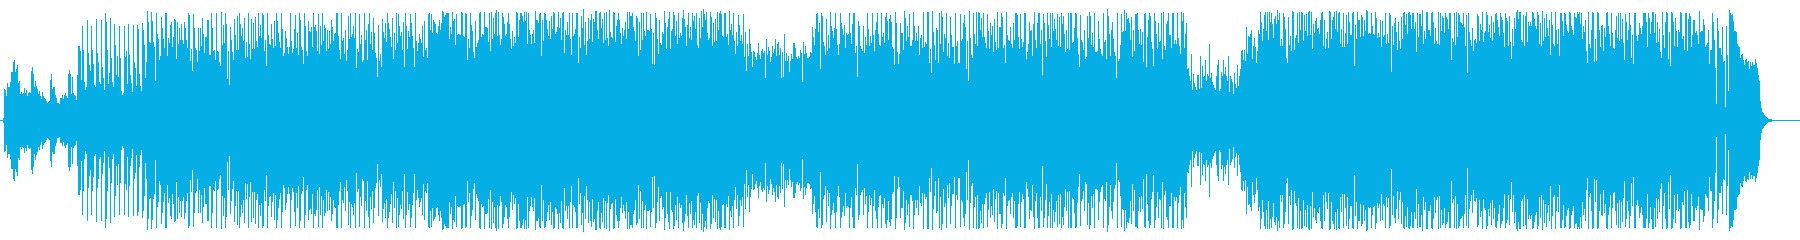 わくわく感のある現代シンセサイザーポップの再生済みの波形